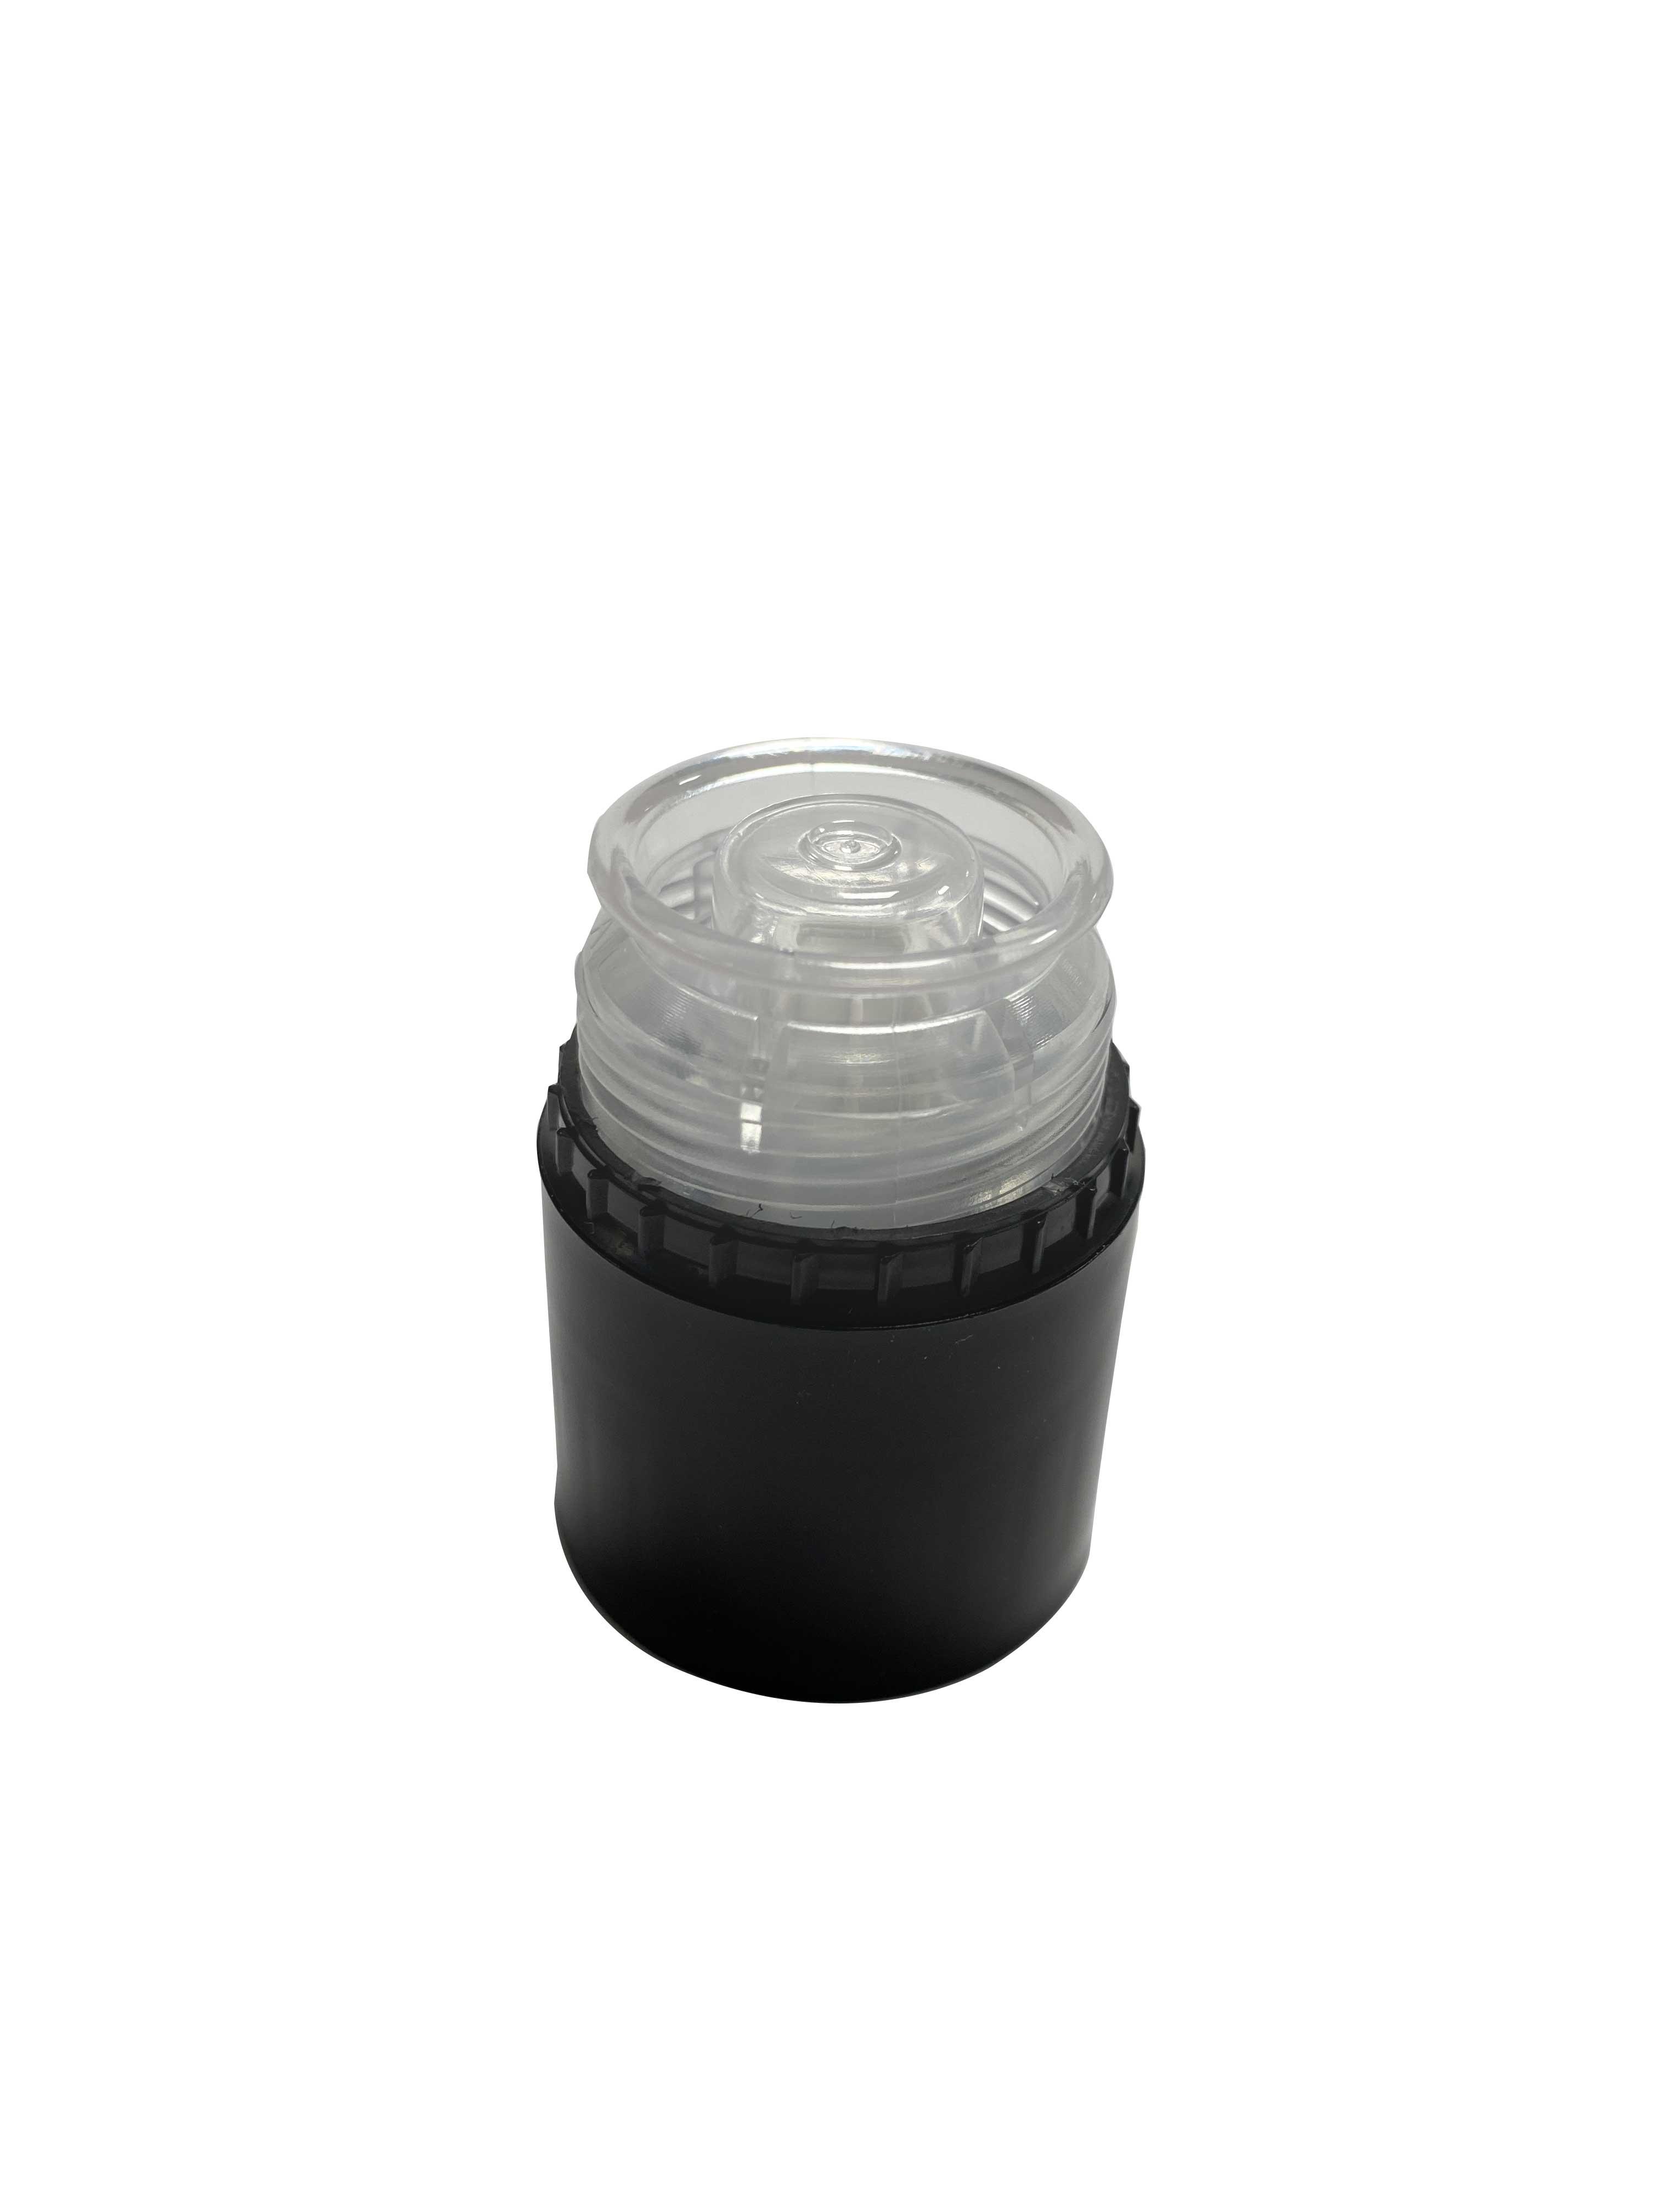 Pourer cap CPR height 47, tamper-evident, PP/PP, black with natural pourer (for spirits)